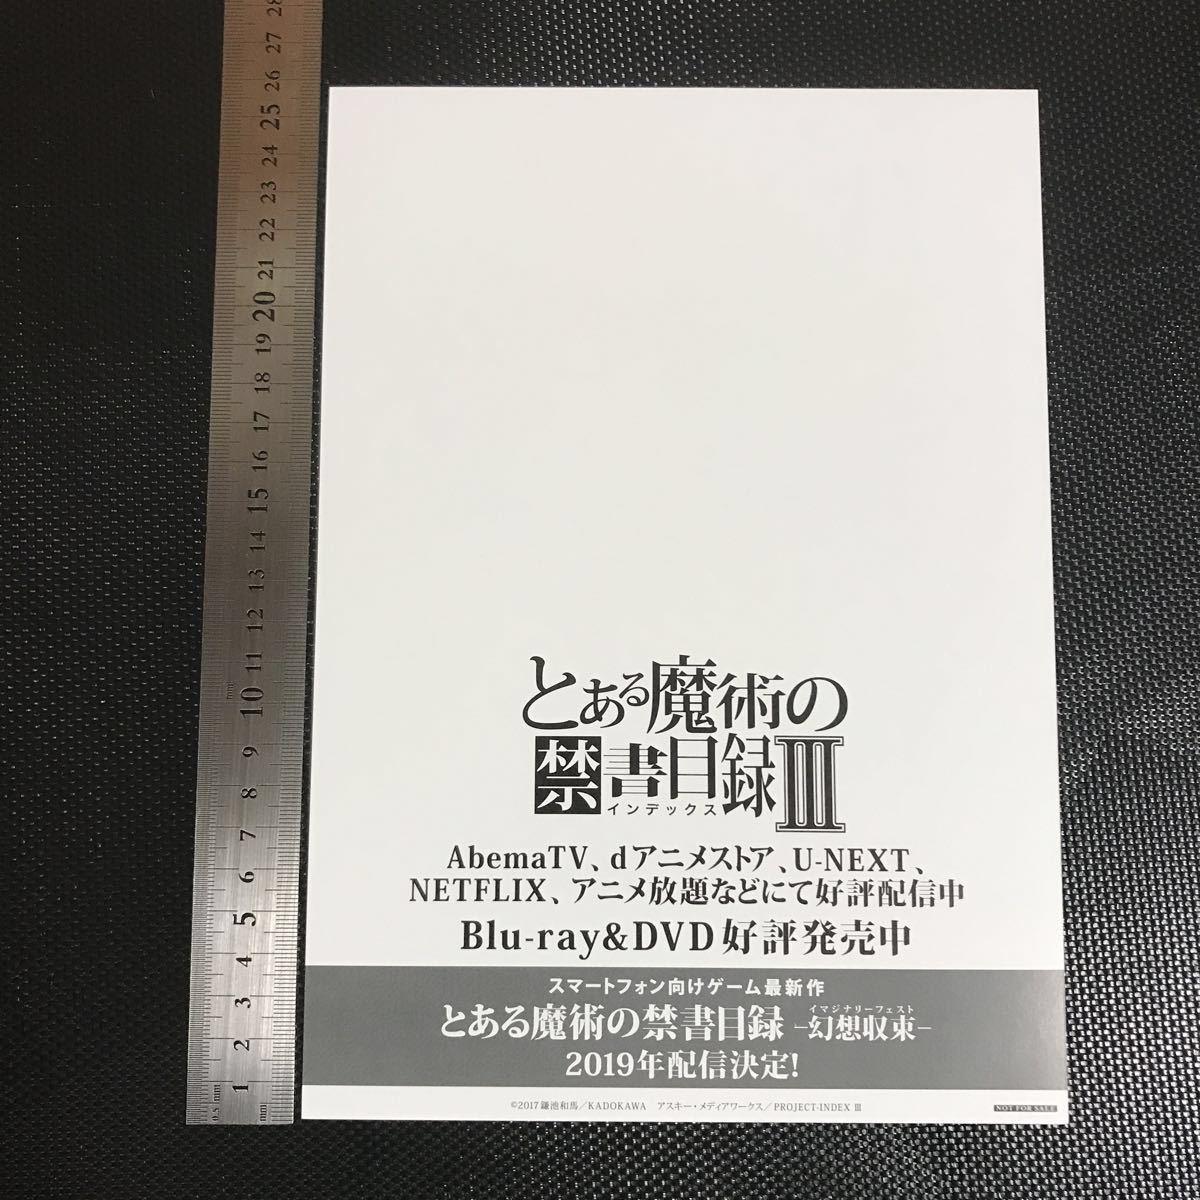 AnimeJapan 2019 とある魔術の禁書目録III イラストカード インデックス 上条当麻 御坂美琴 一方通行 アニメジャパン anime japan 配布_裏